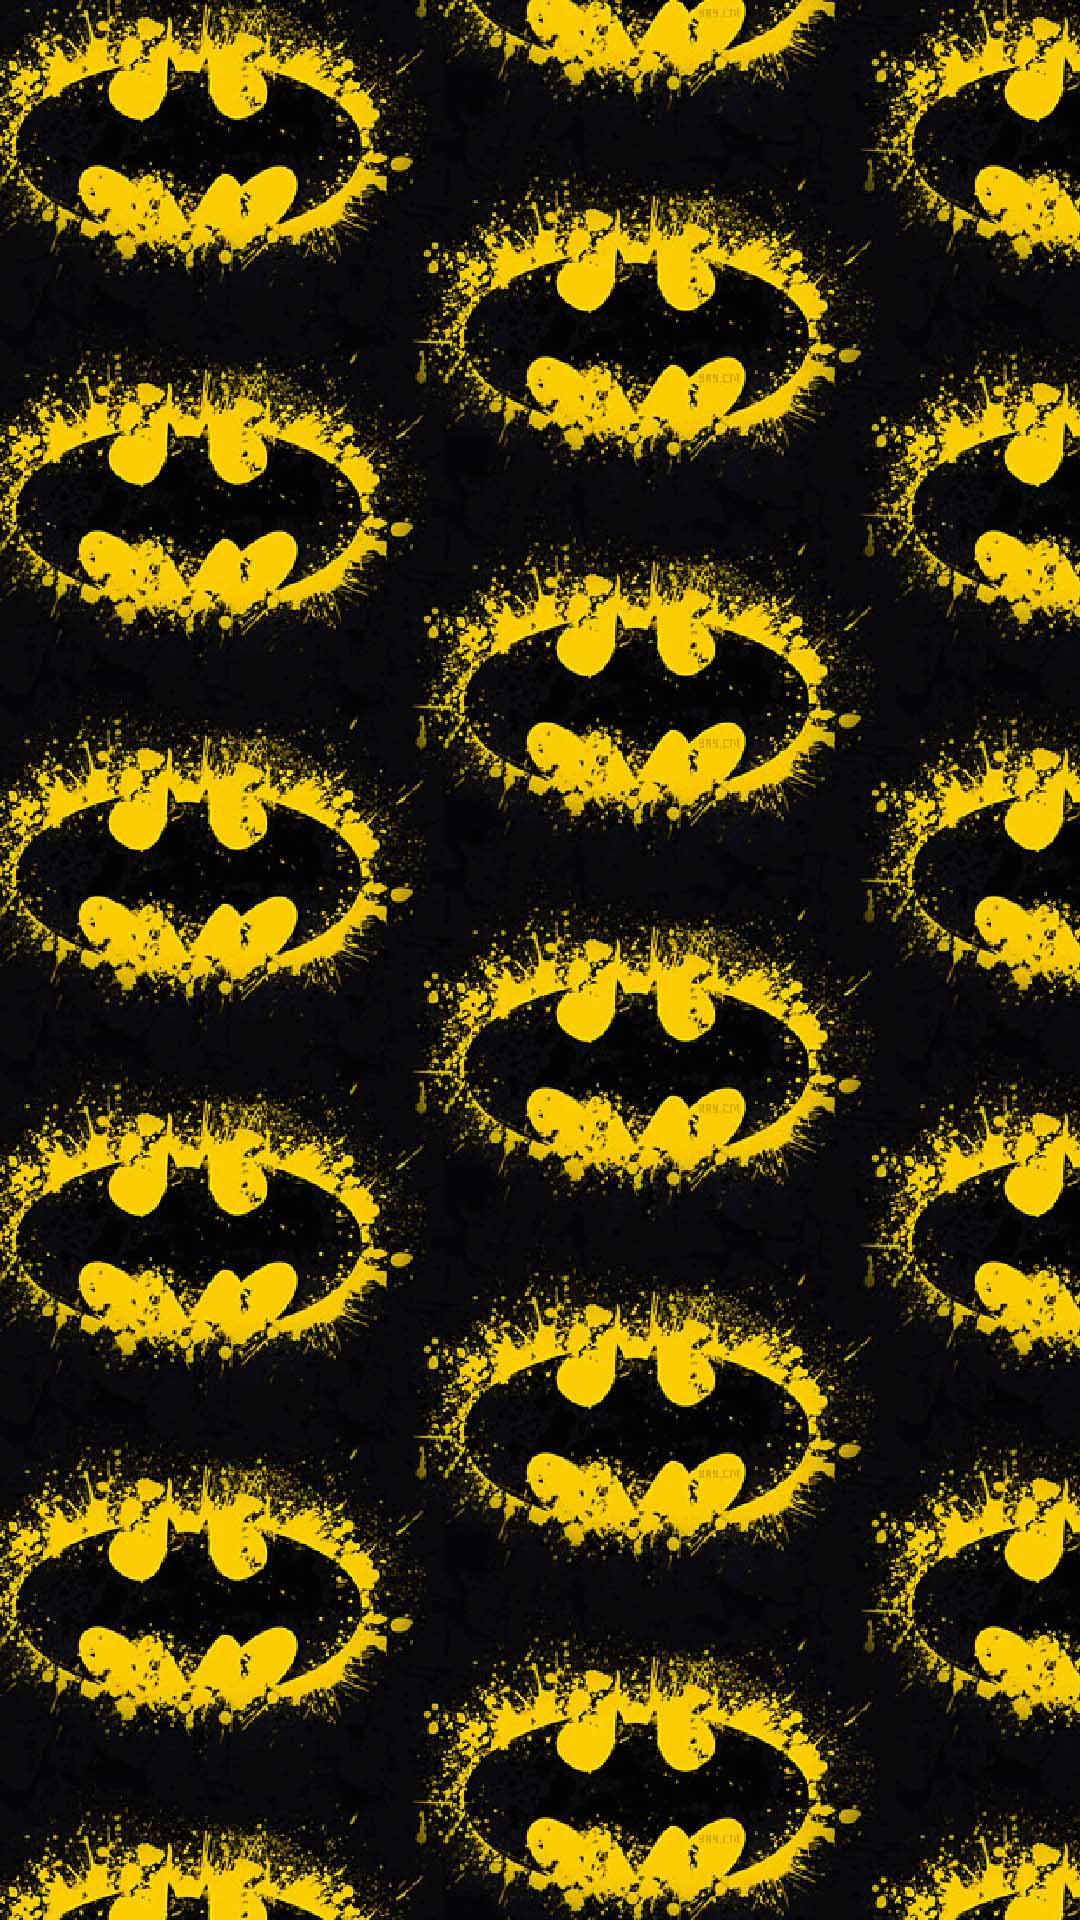 Batman Wallpaper For Iphone 11 Pro Max X 8 7 6 Free